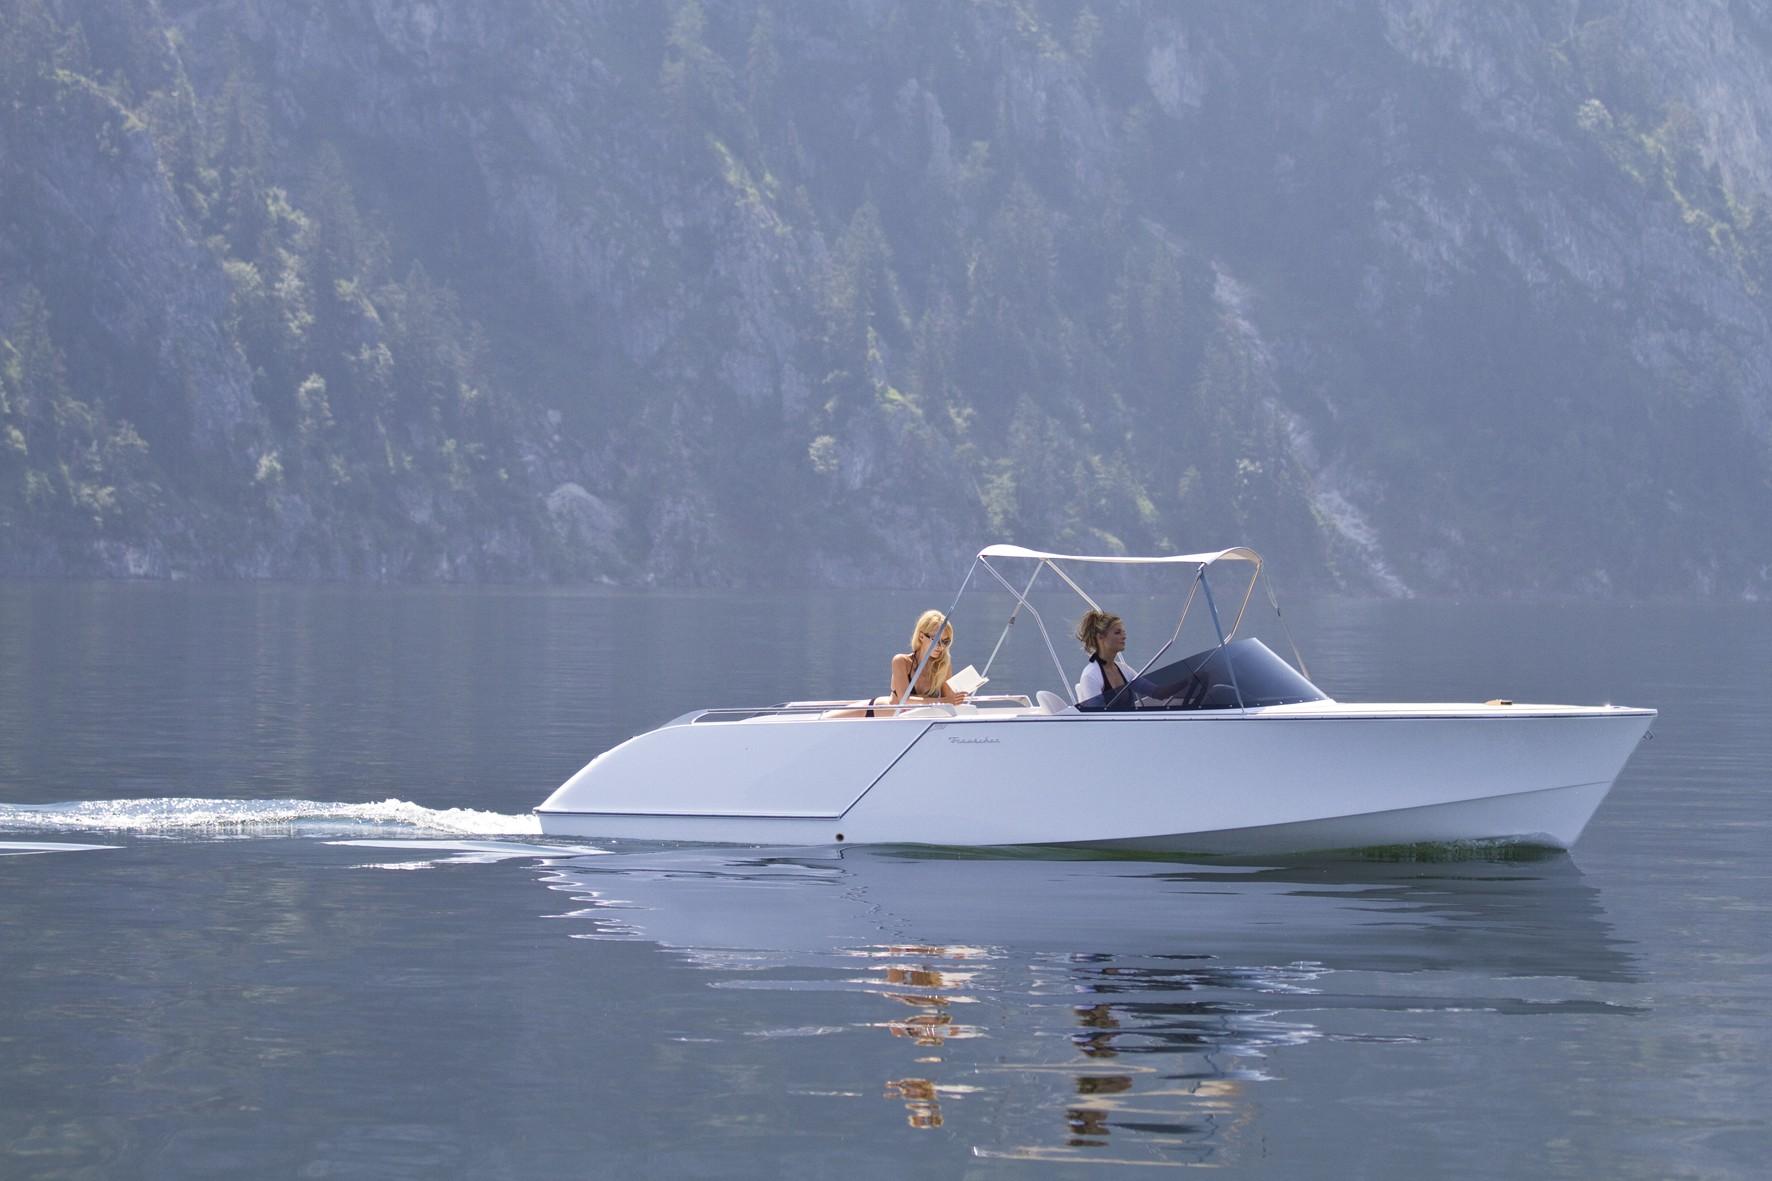 Leises Steckenpferd: Seit den 1950ern baute Frauscher einfache und populäre Elektroboote. Daraus wurden im Lauf der Jahre High-Tech-Boote, die auch international gefragt sind.